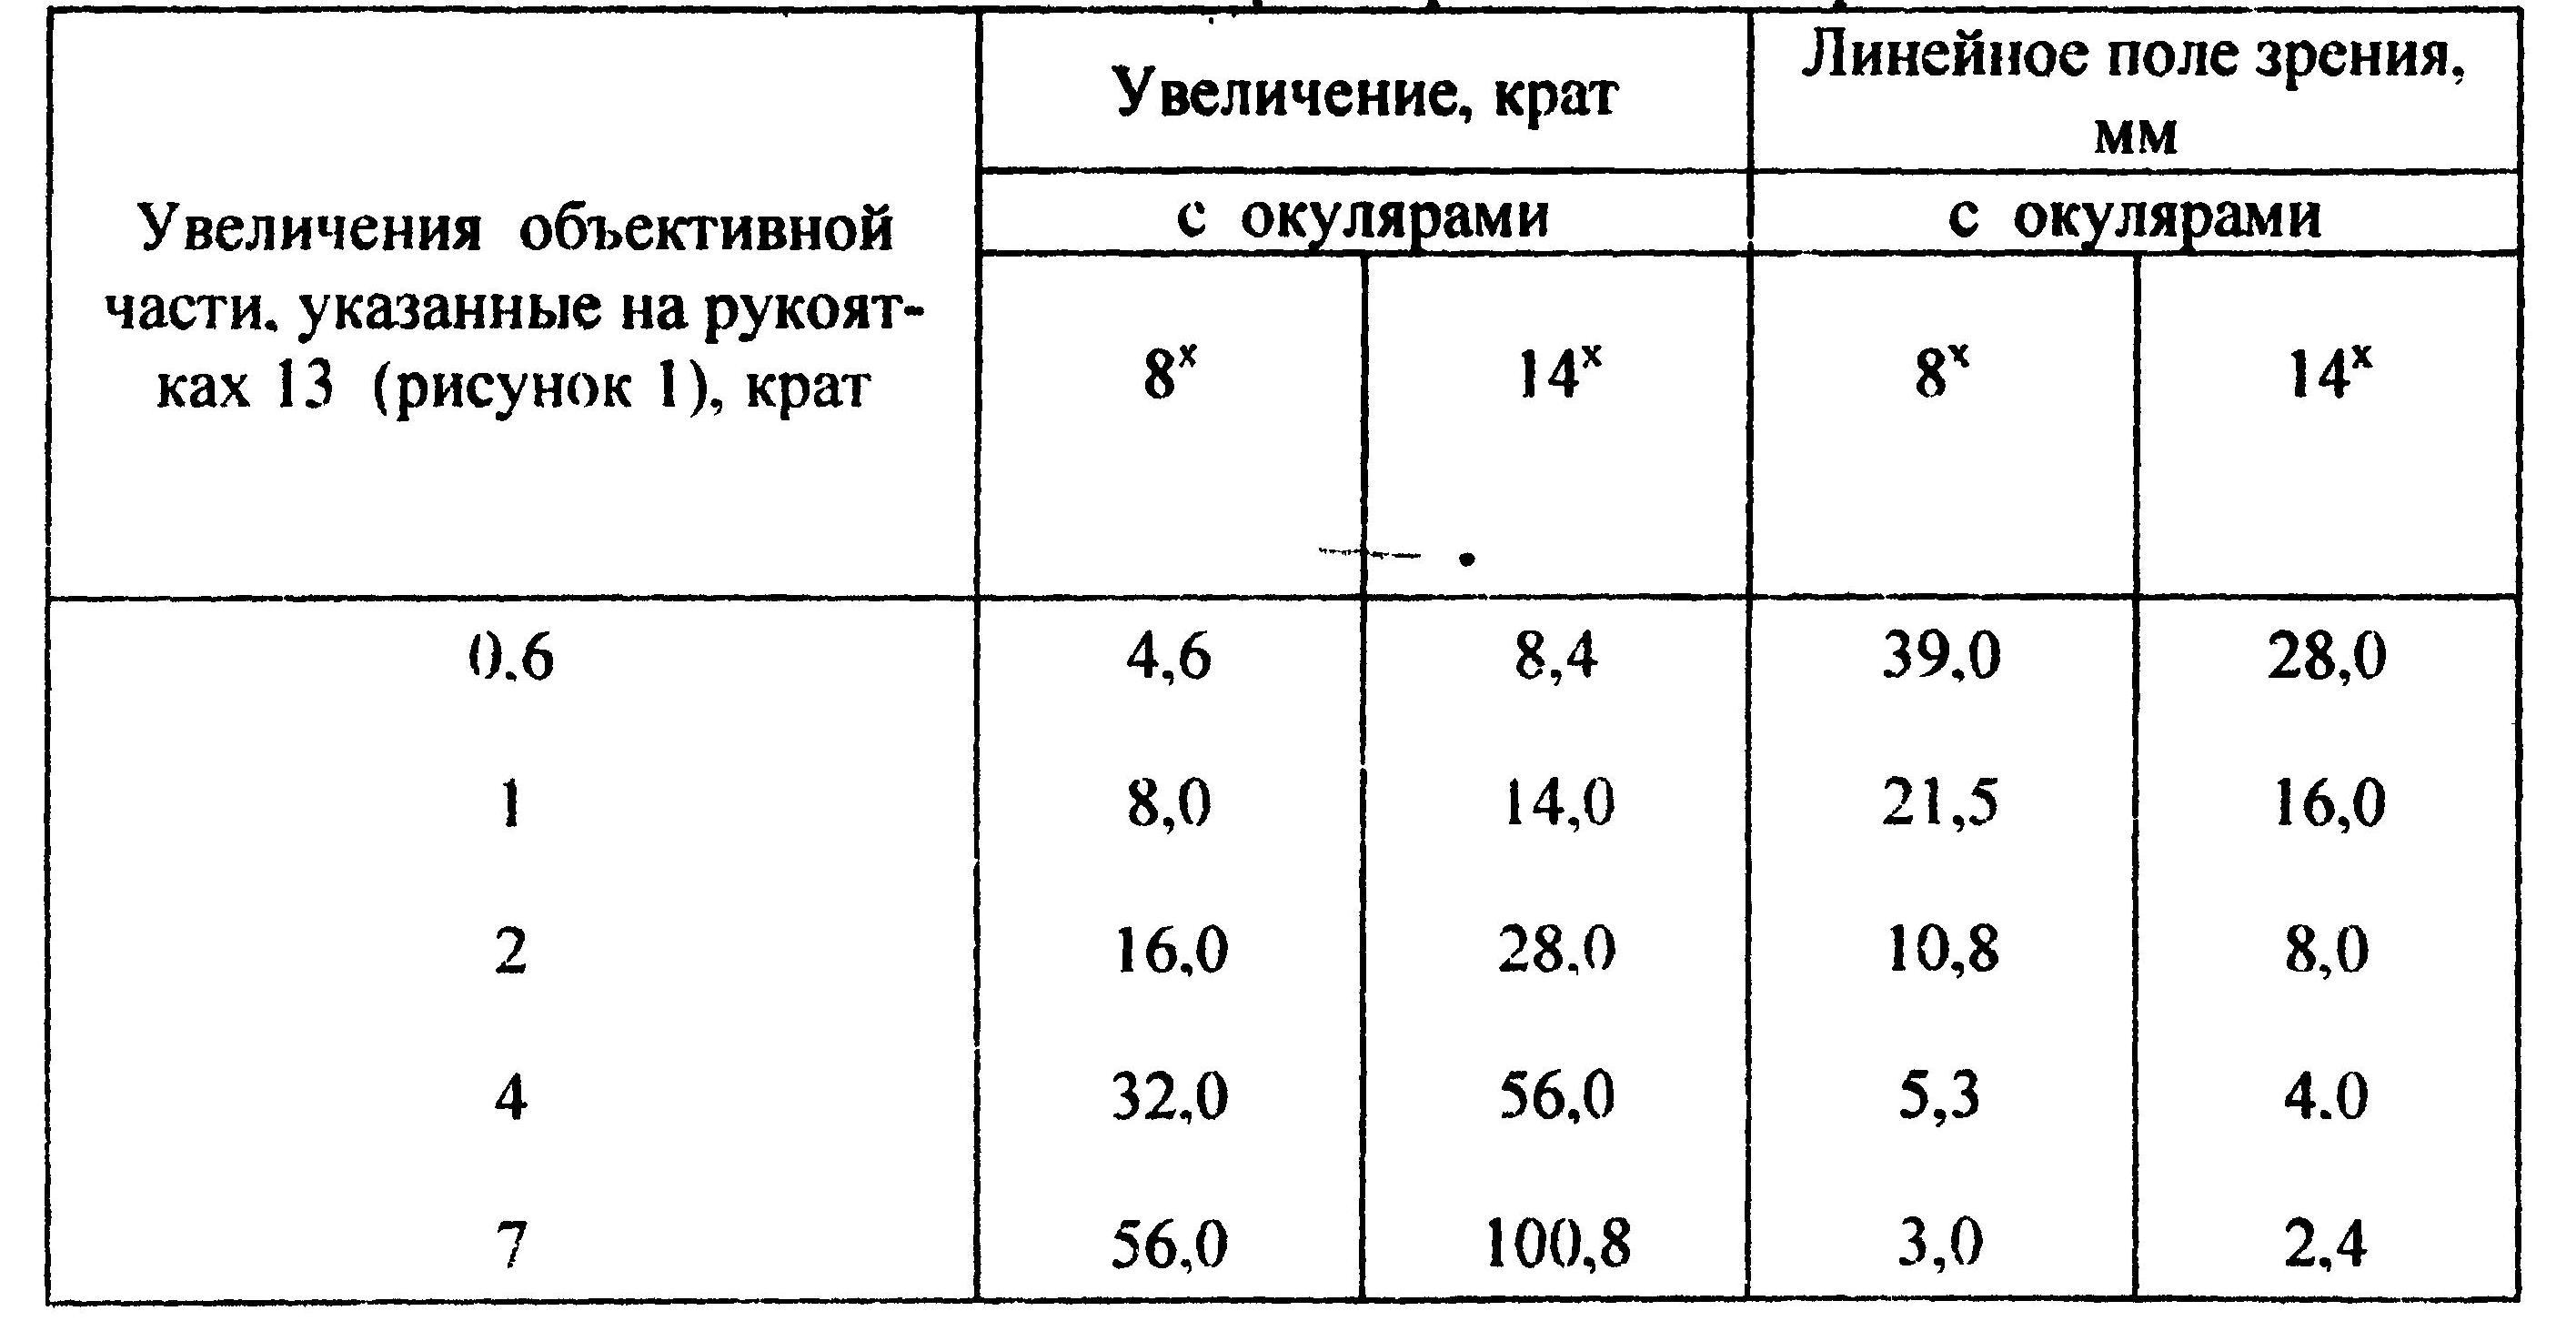 мбс-10 табл. 3